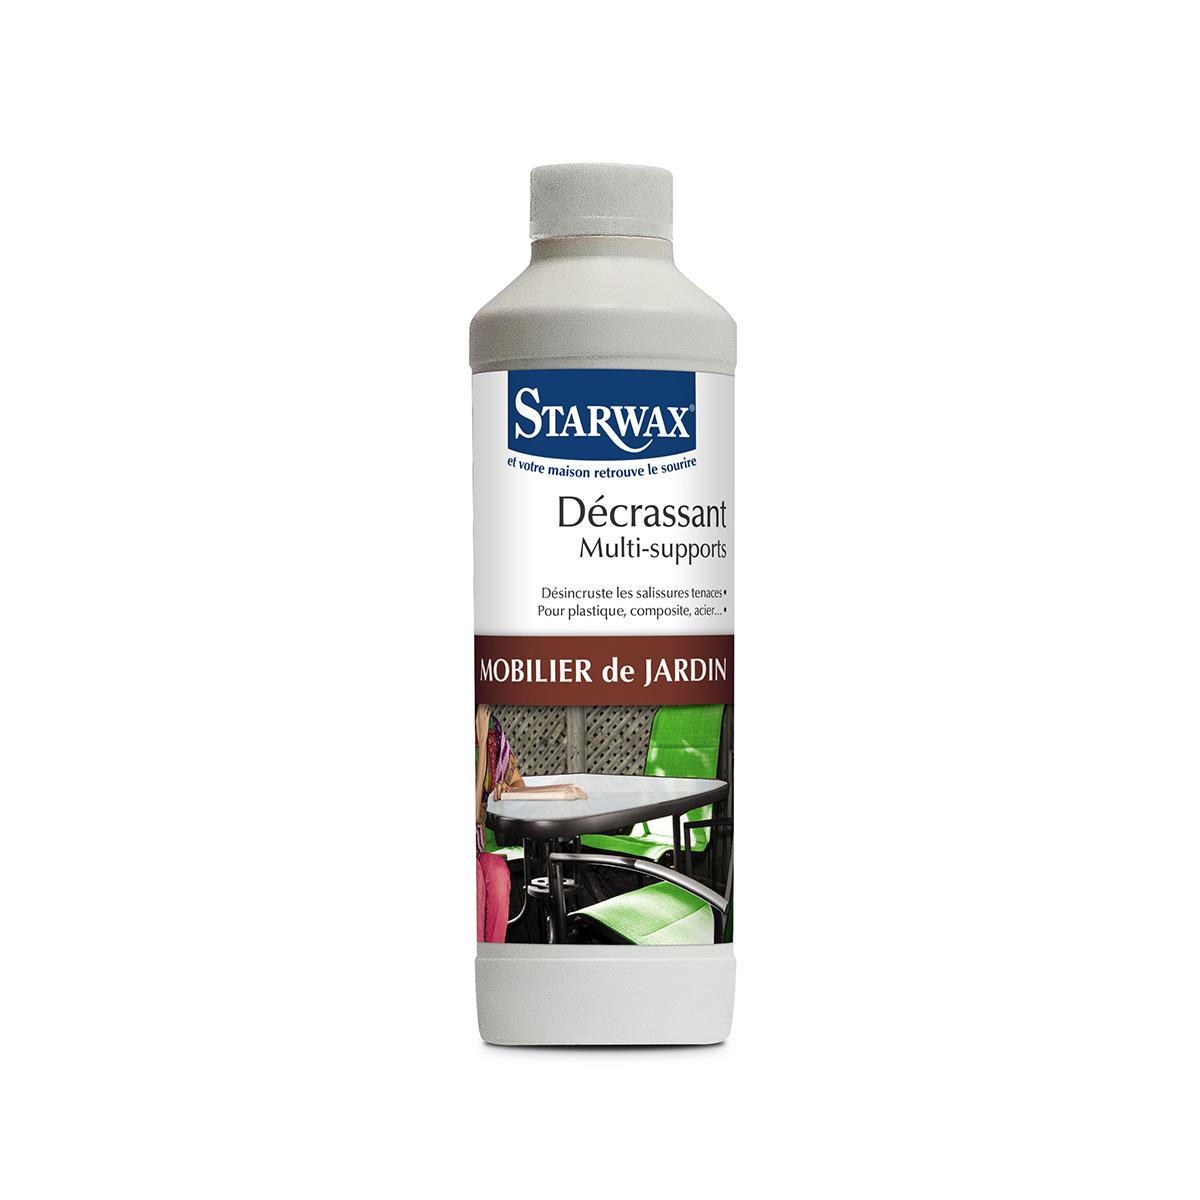 D crassant multi supports starwax produits d entretien for Produit entretien jardin